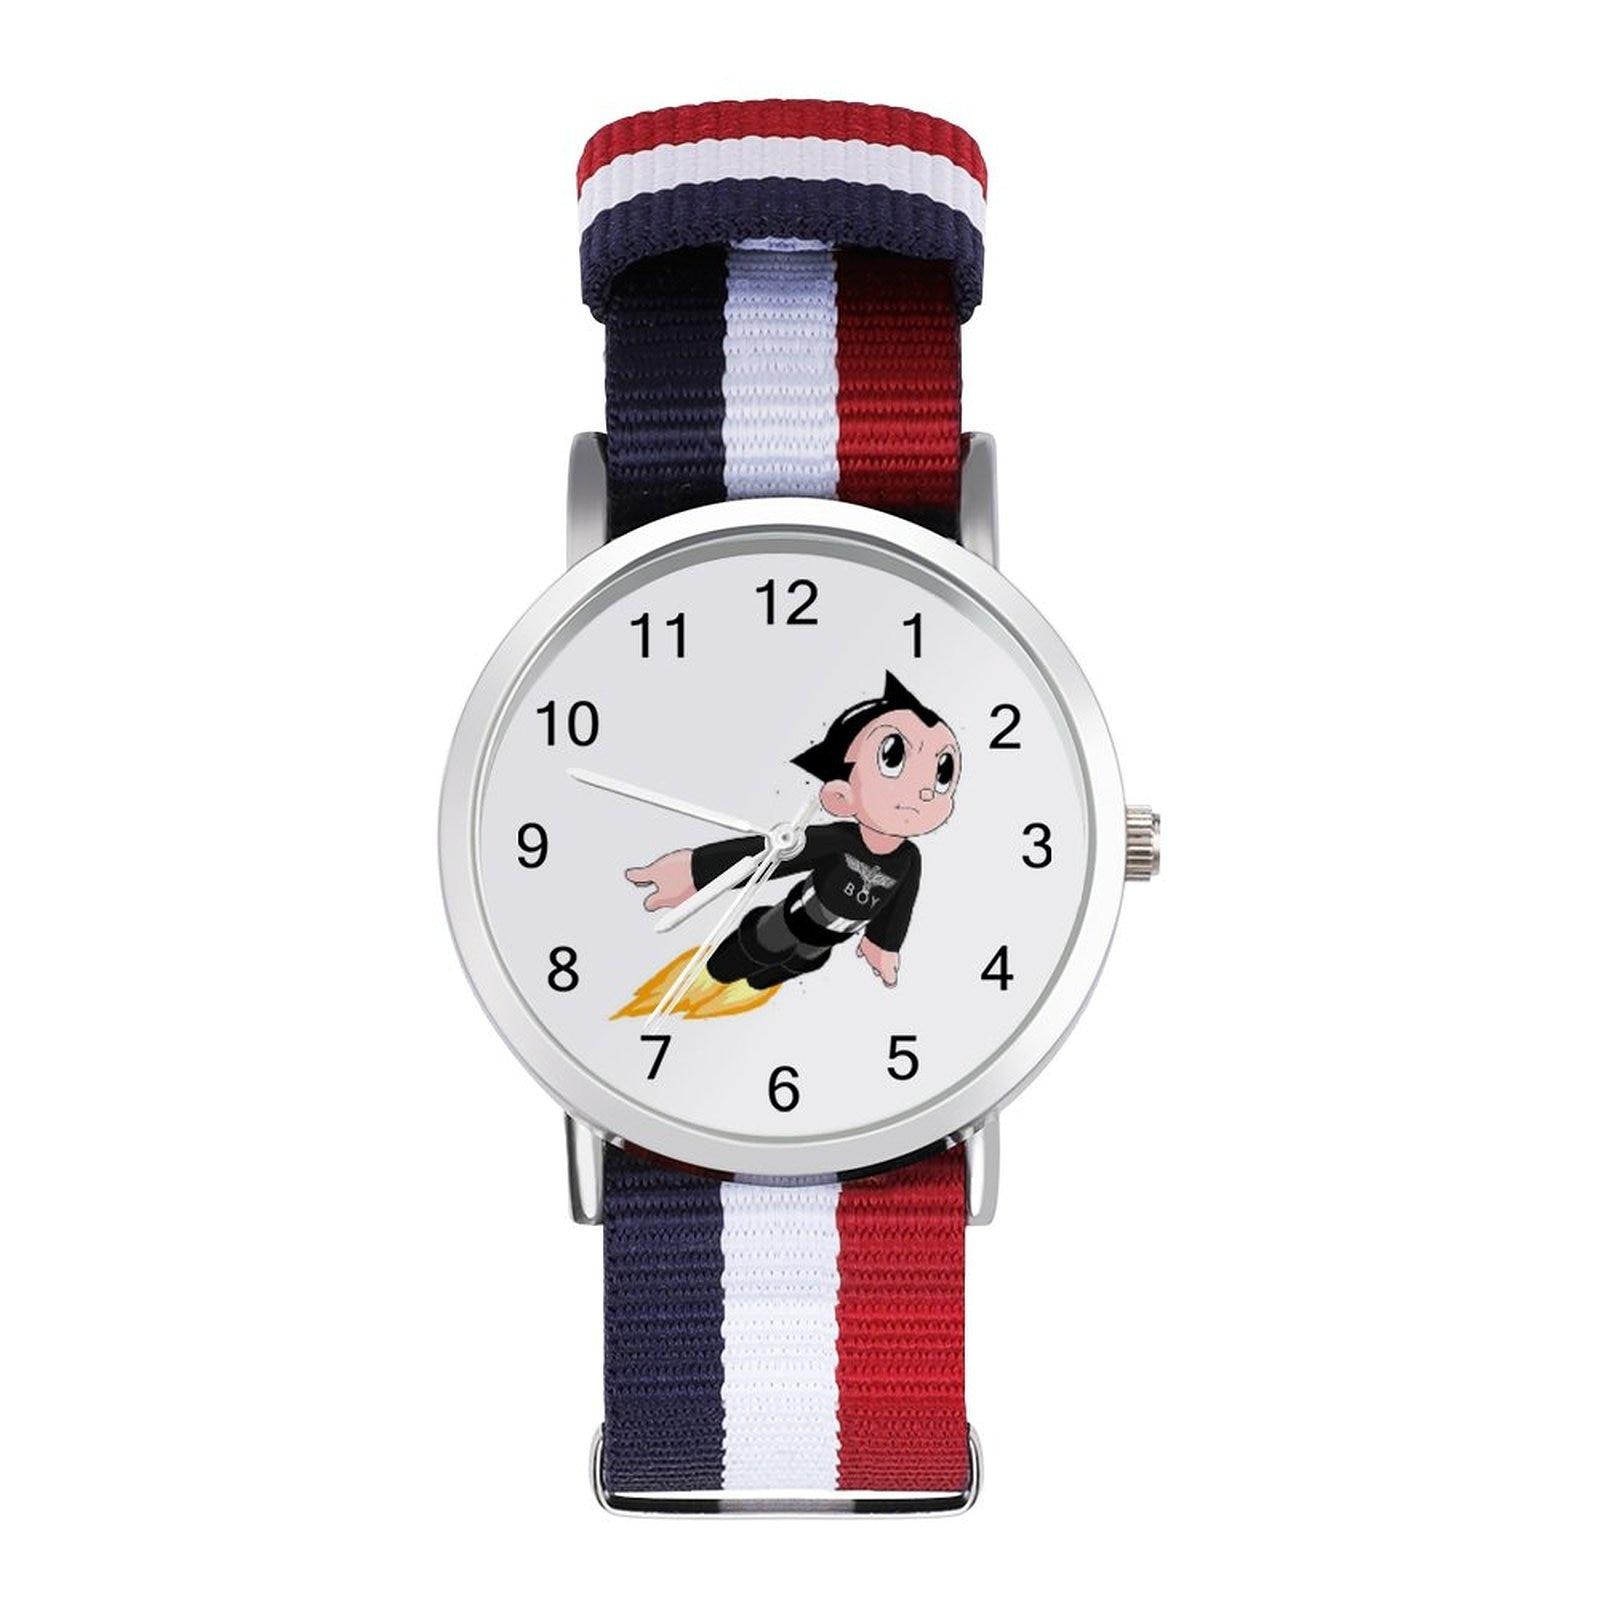 Кварцевые часы Astroboy, купить сильные наручные часы, мужские спортивные Дизайнерские наручные часы